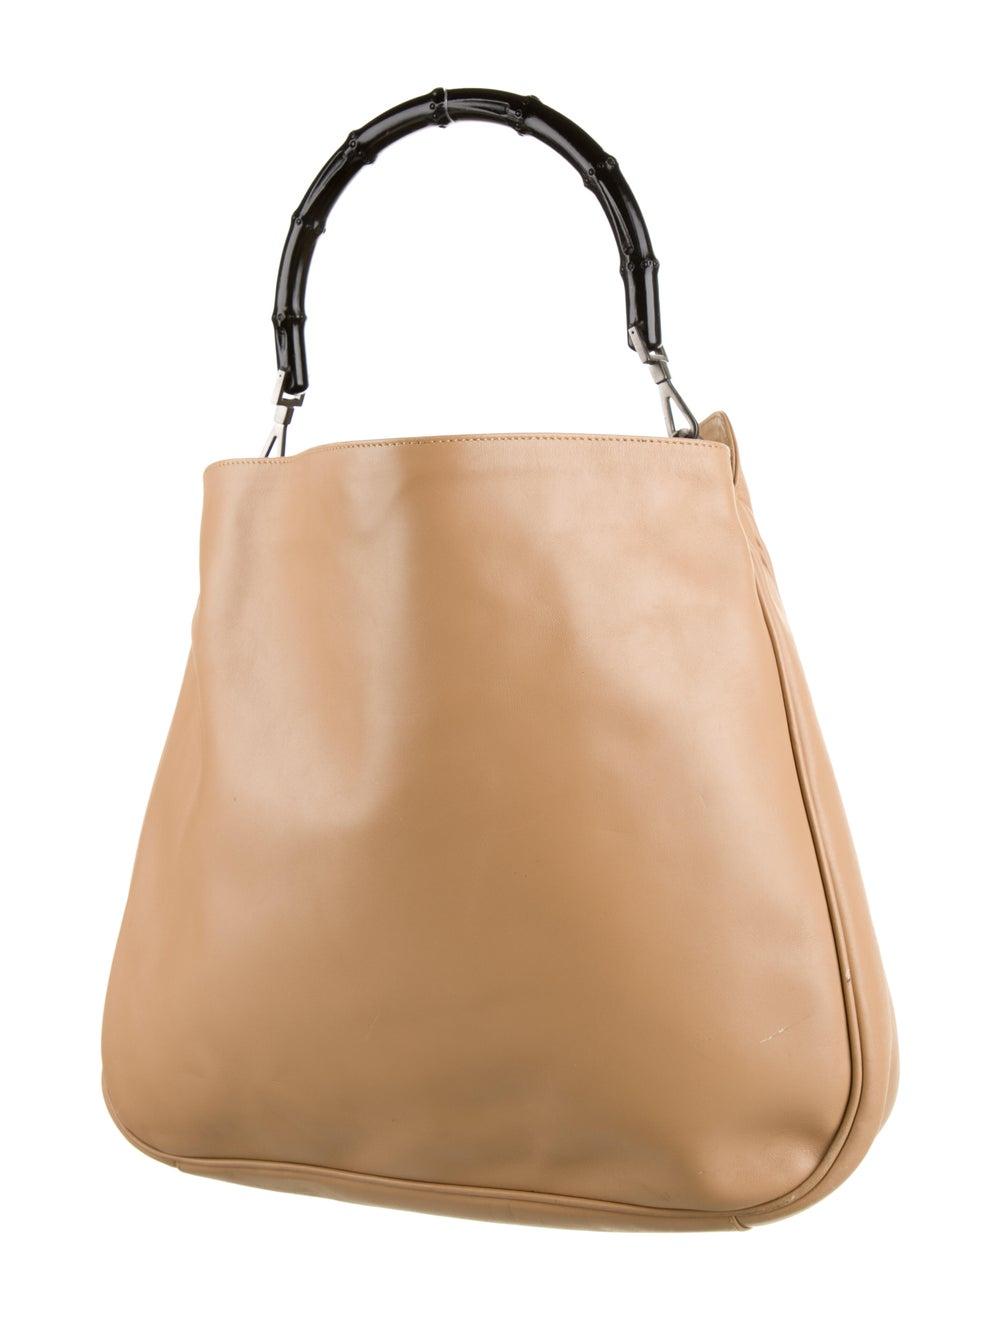 Gucci Diana Bamboo Shoulder Bag Silver - image 3